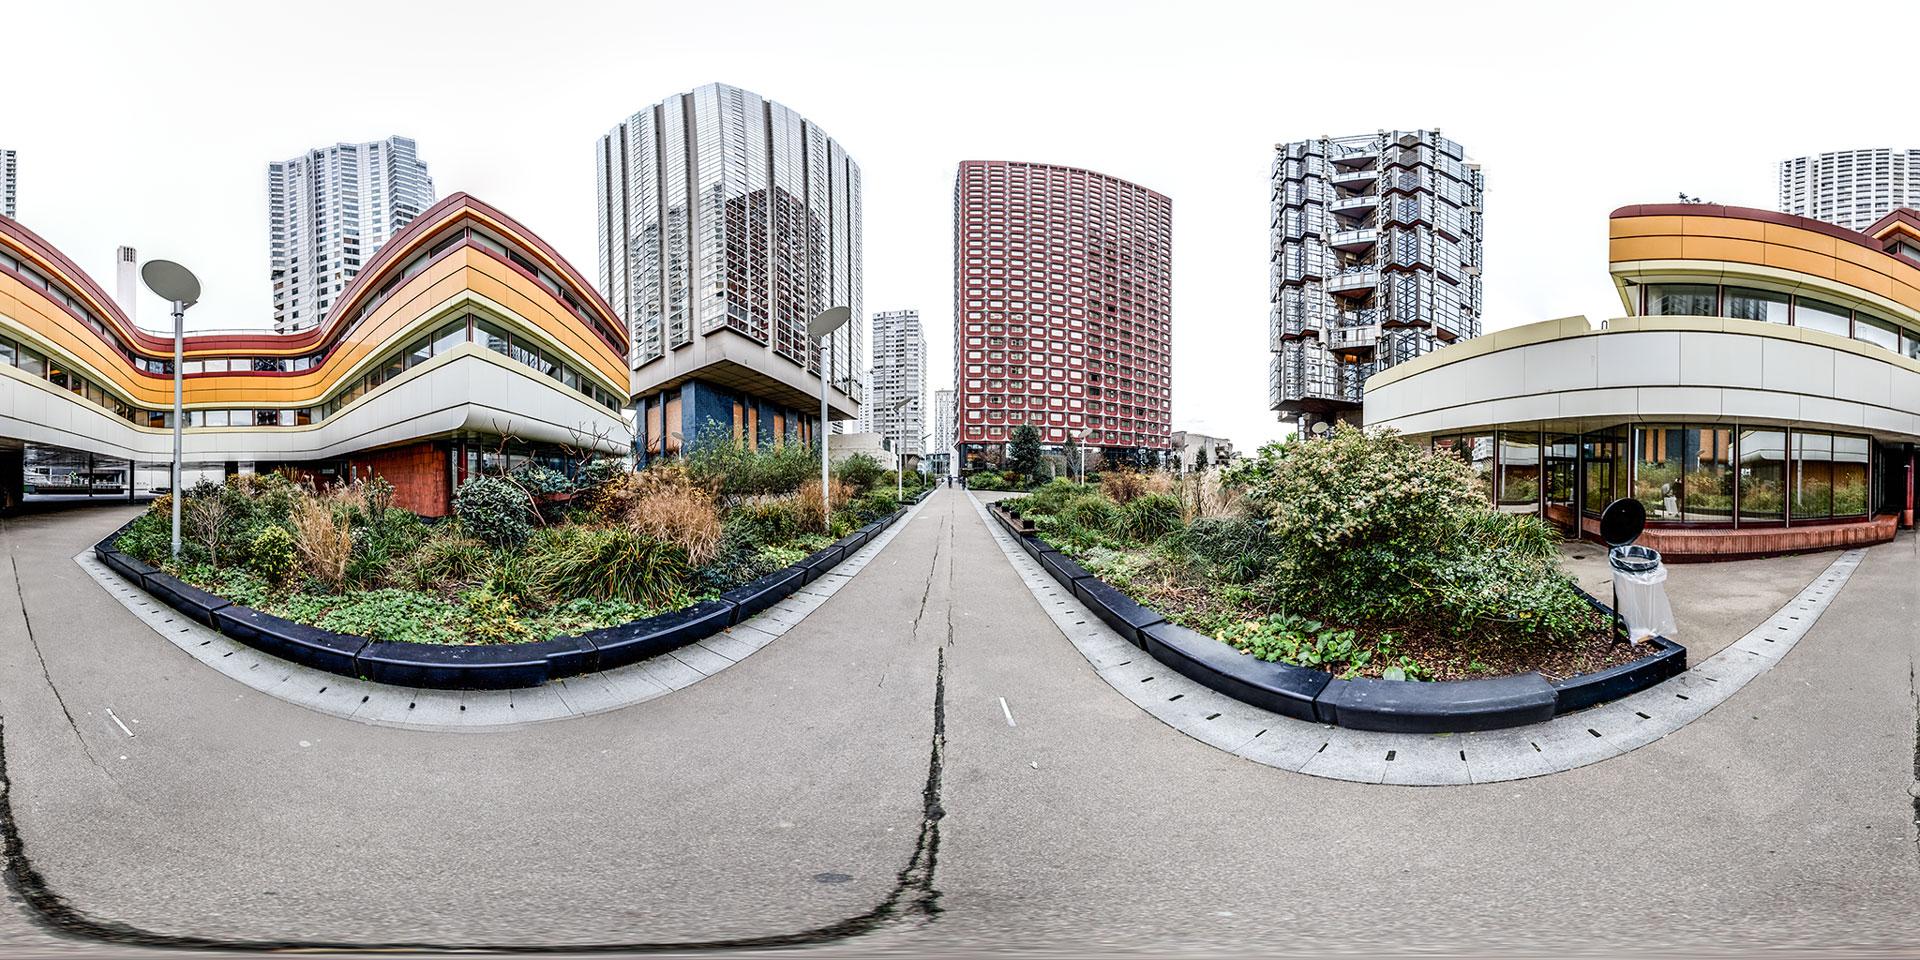 Vue panoramique en projection équirectangulaire